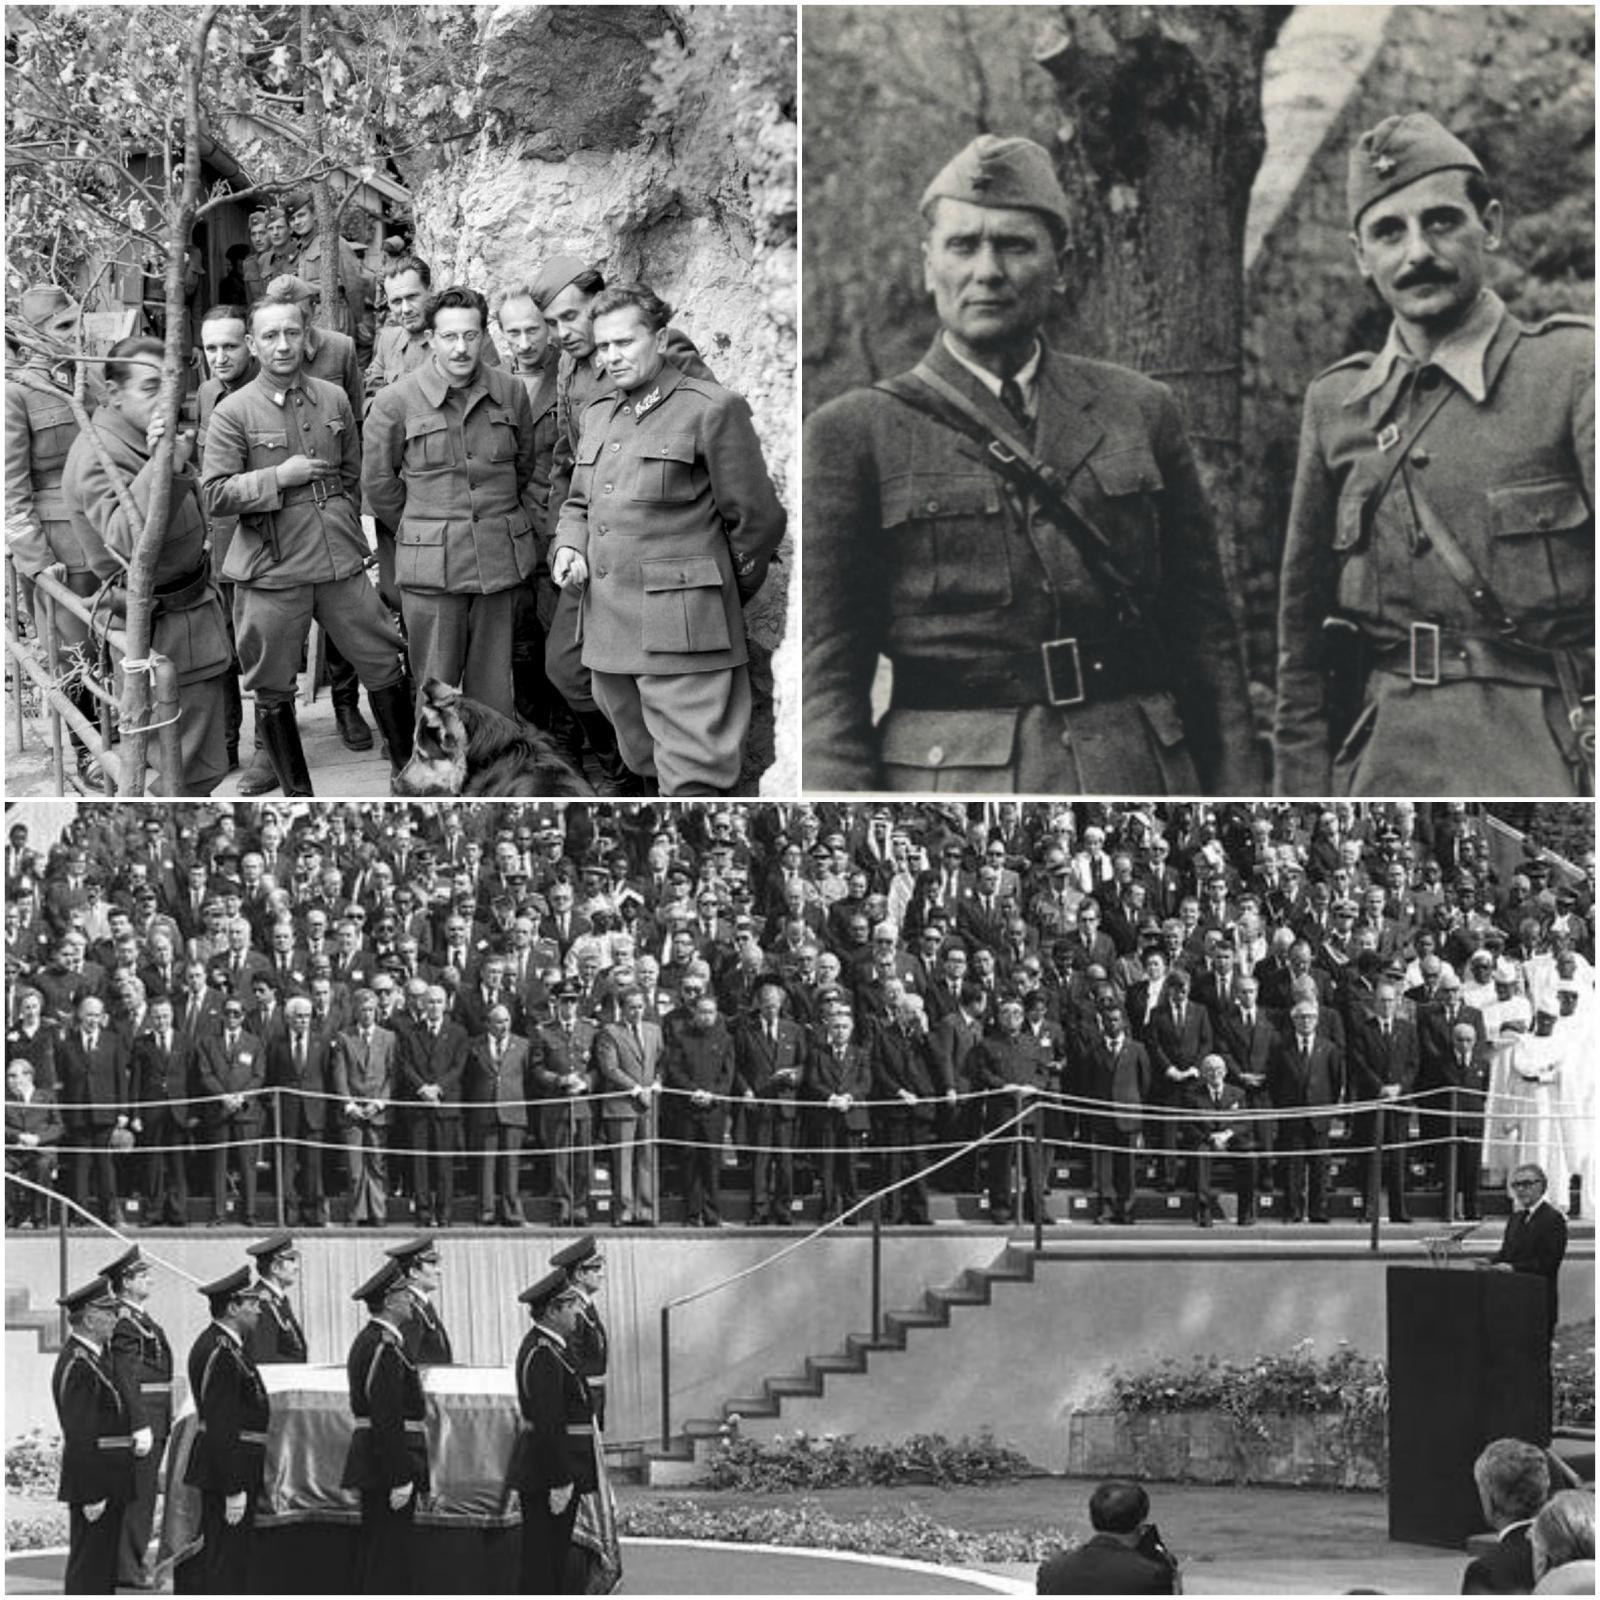 Tito v 2. svetovni vojni in njegov pogreb